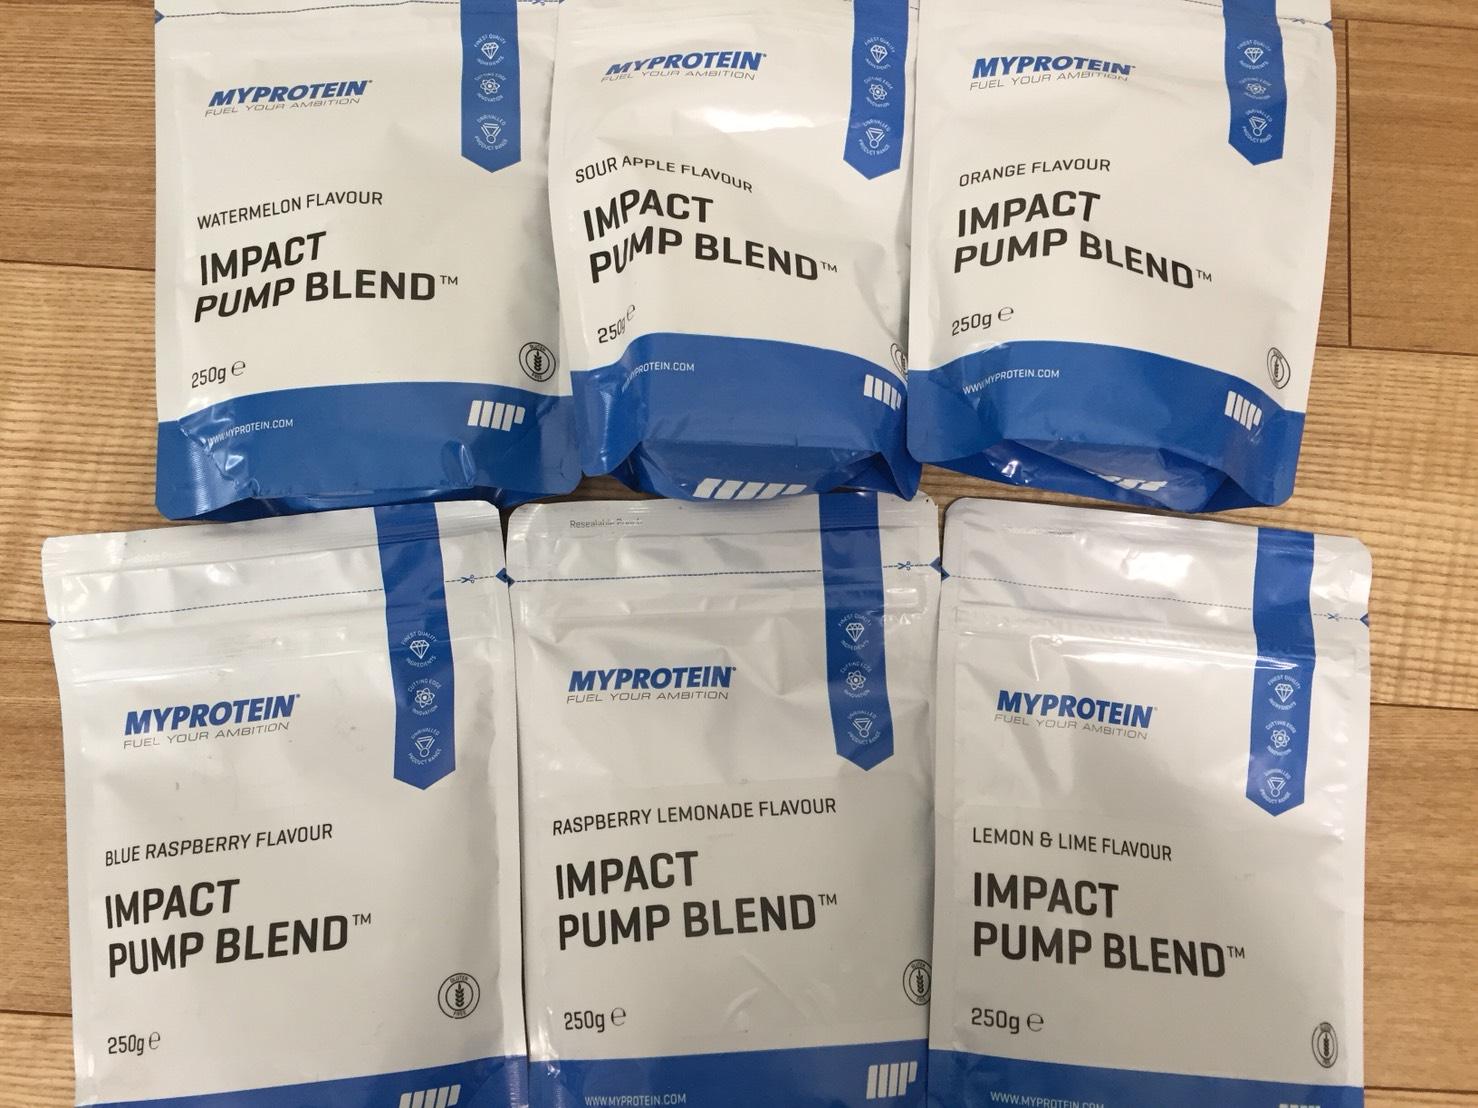 マイプロテインの「インパクトパンプブレンド」のレビューまとめ。ノンカフェインで夜の筋トレにも使える